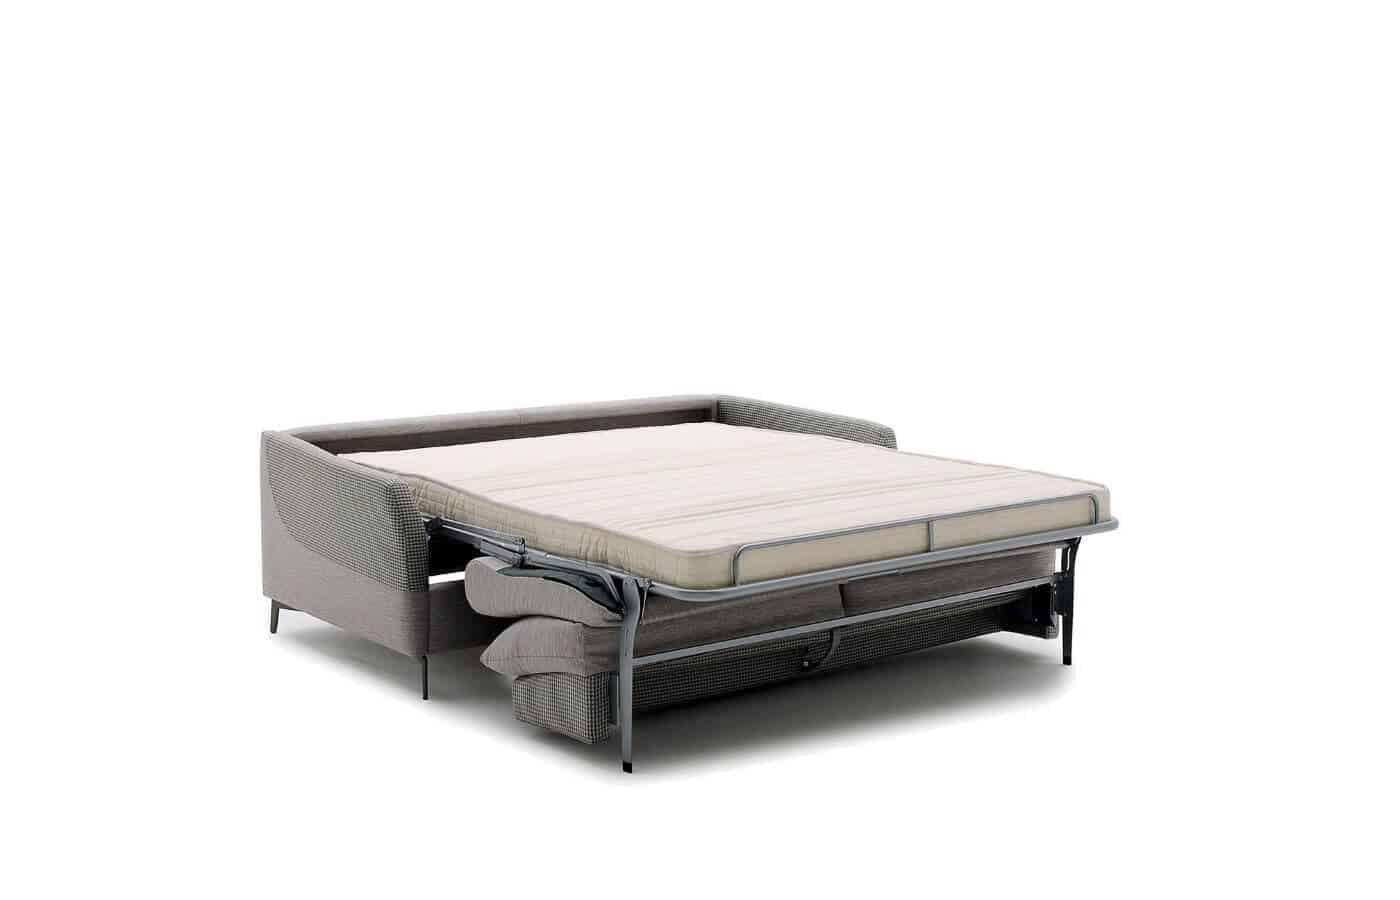 divani-letto-collezione-mister-il-mobile (1)